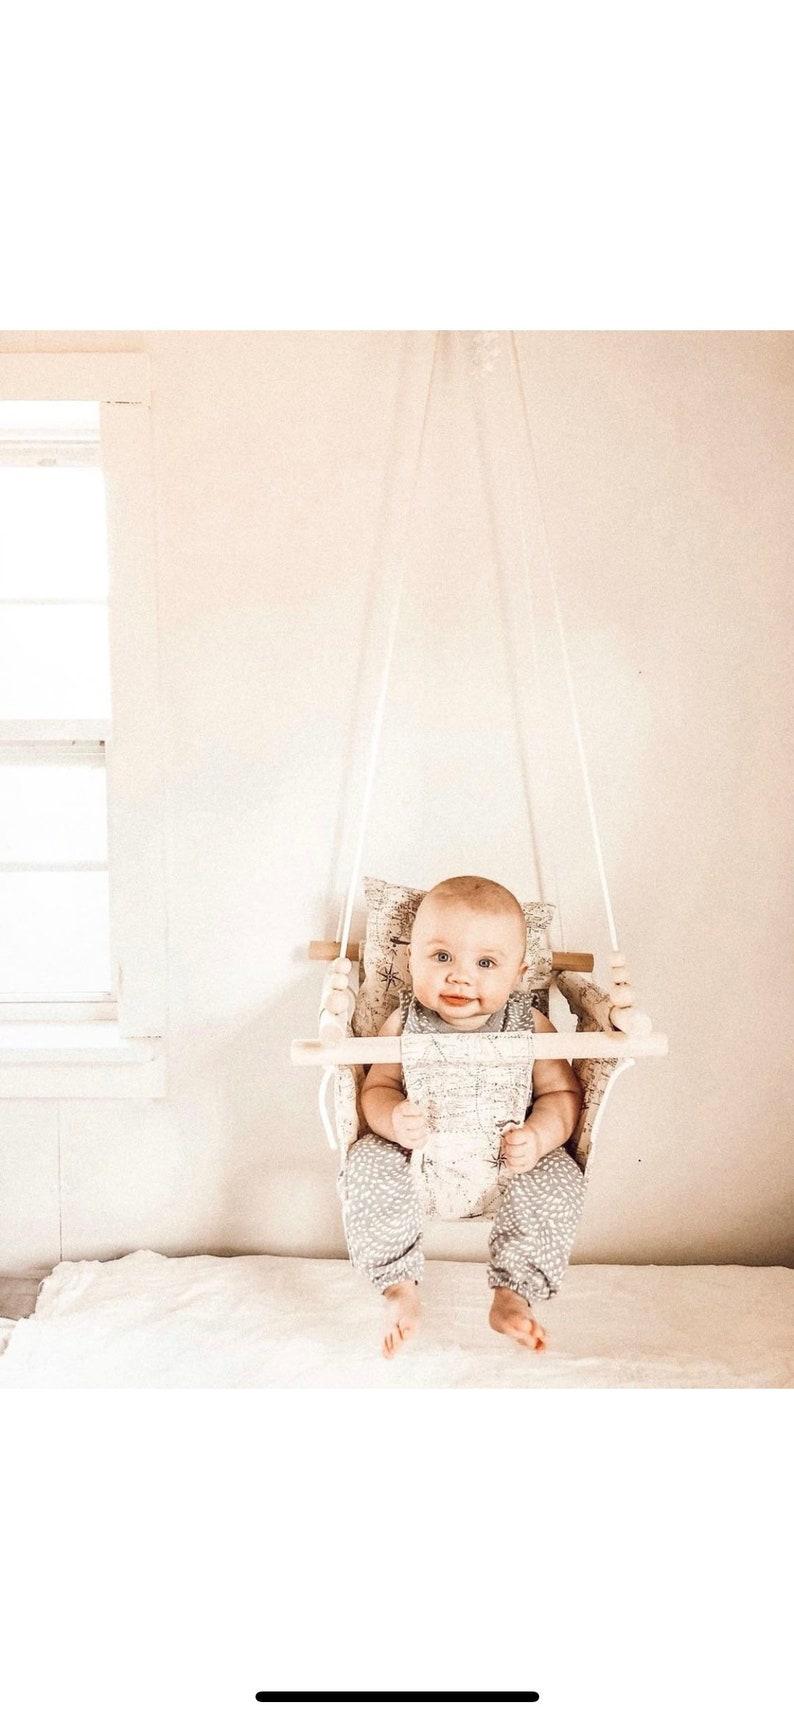 Automatische Schommel Baby.Kaart Swing Baby Schommel Baby Stof Swing Indoor Schommel Buiten Swing Schommeling Van De Portiek Decor Van De Kwekerij Peuter Swing Houten